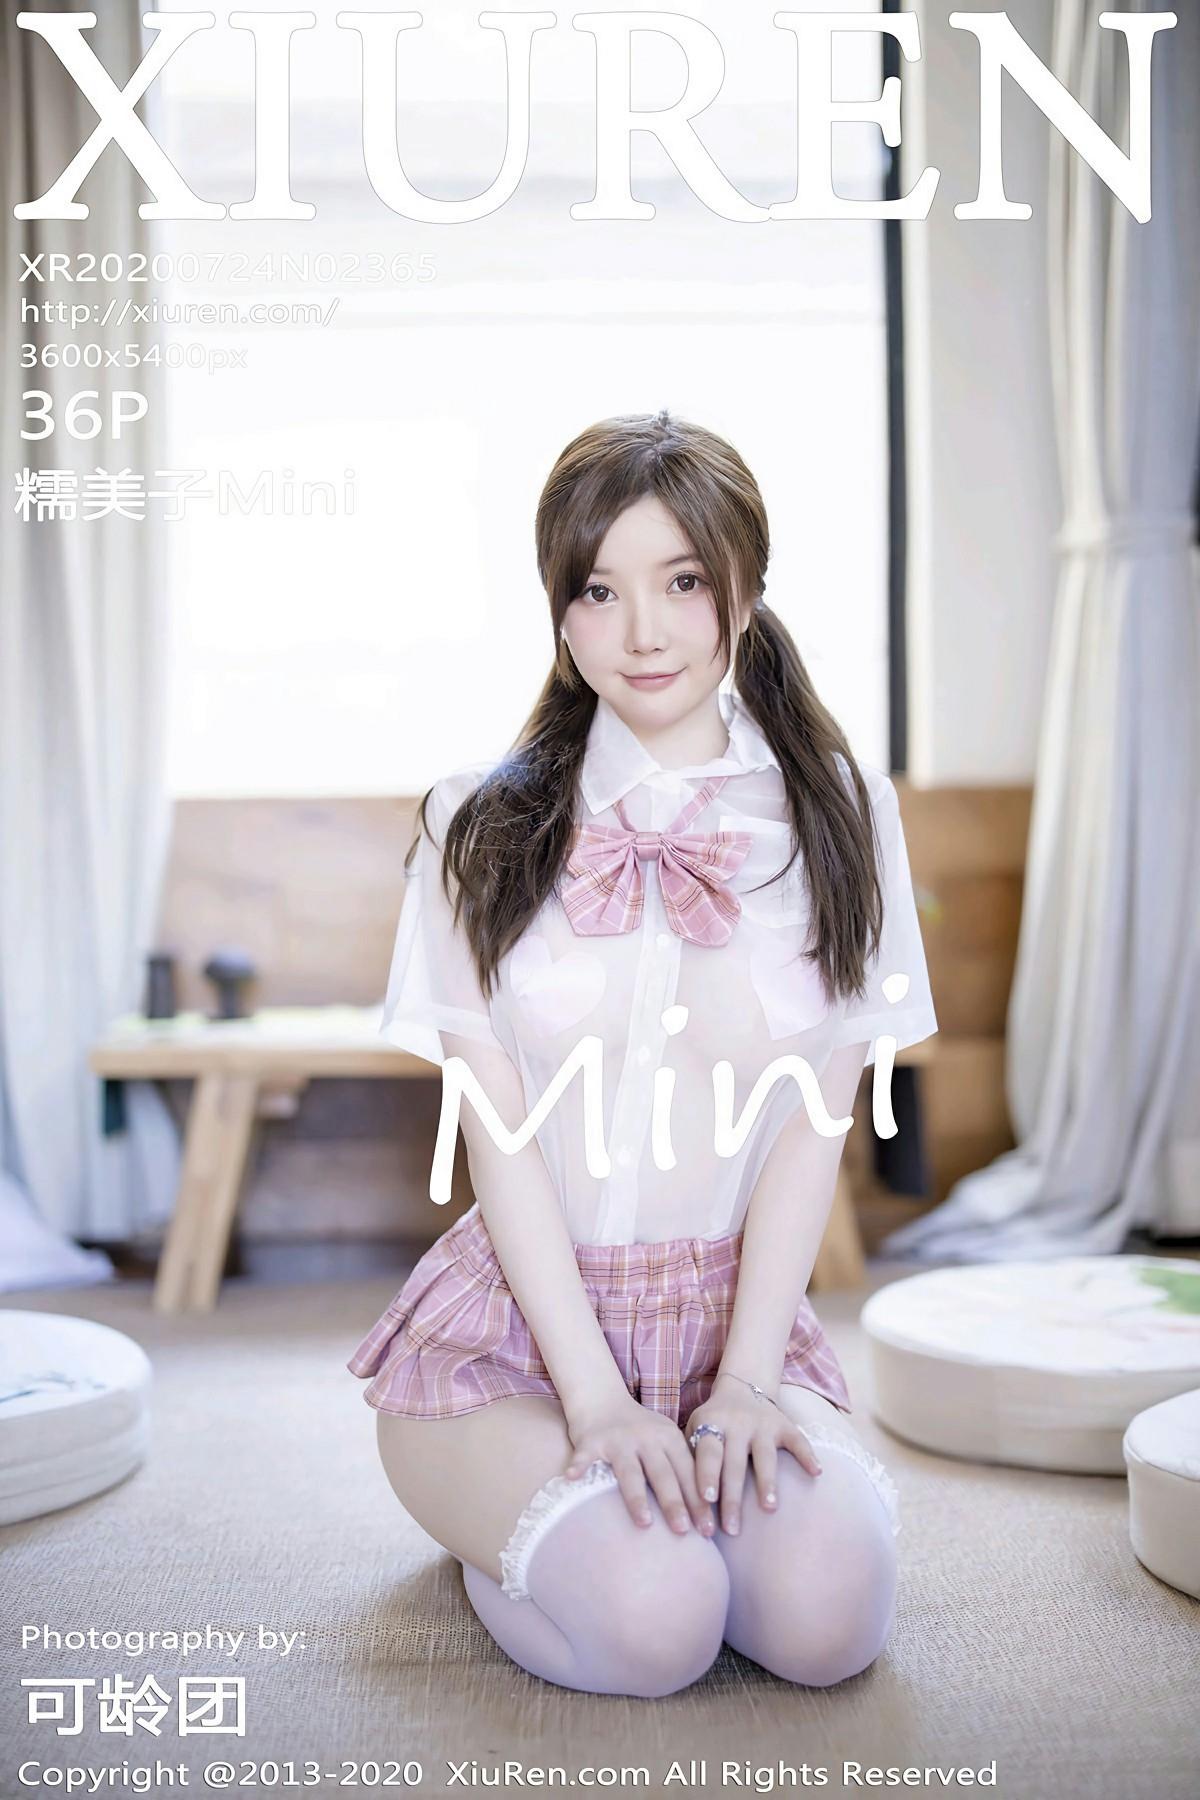 [XiuRen秀人网] 2020.07.24 No.2365 糯美子Mini 第1张